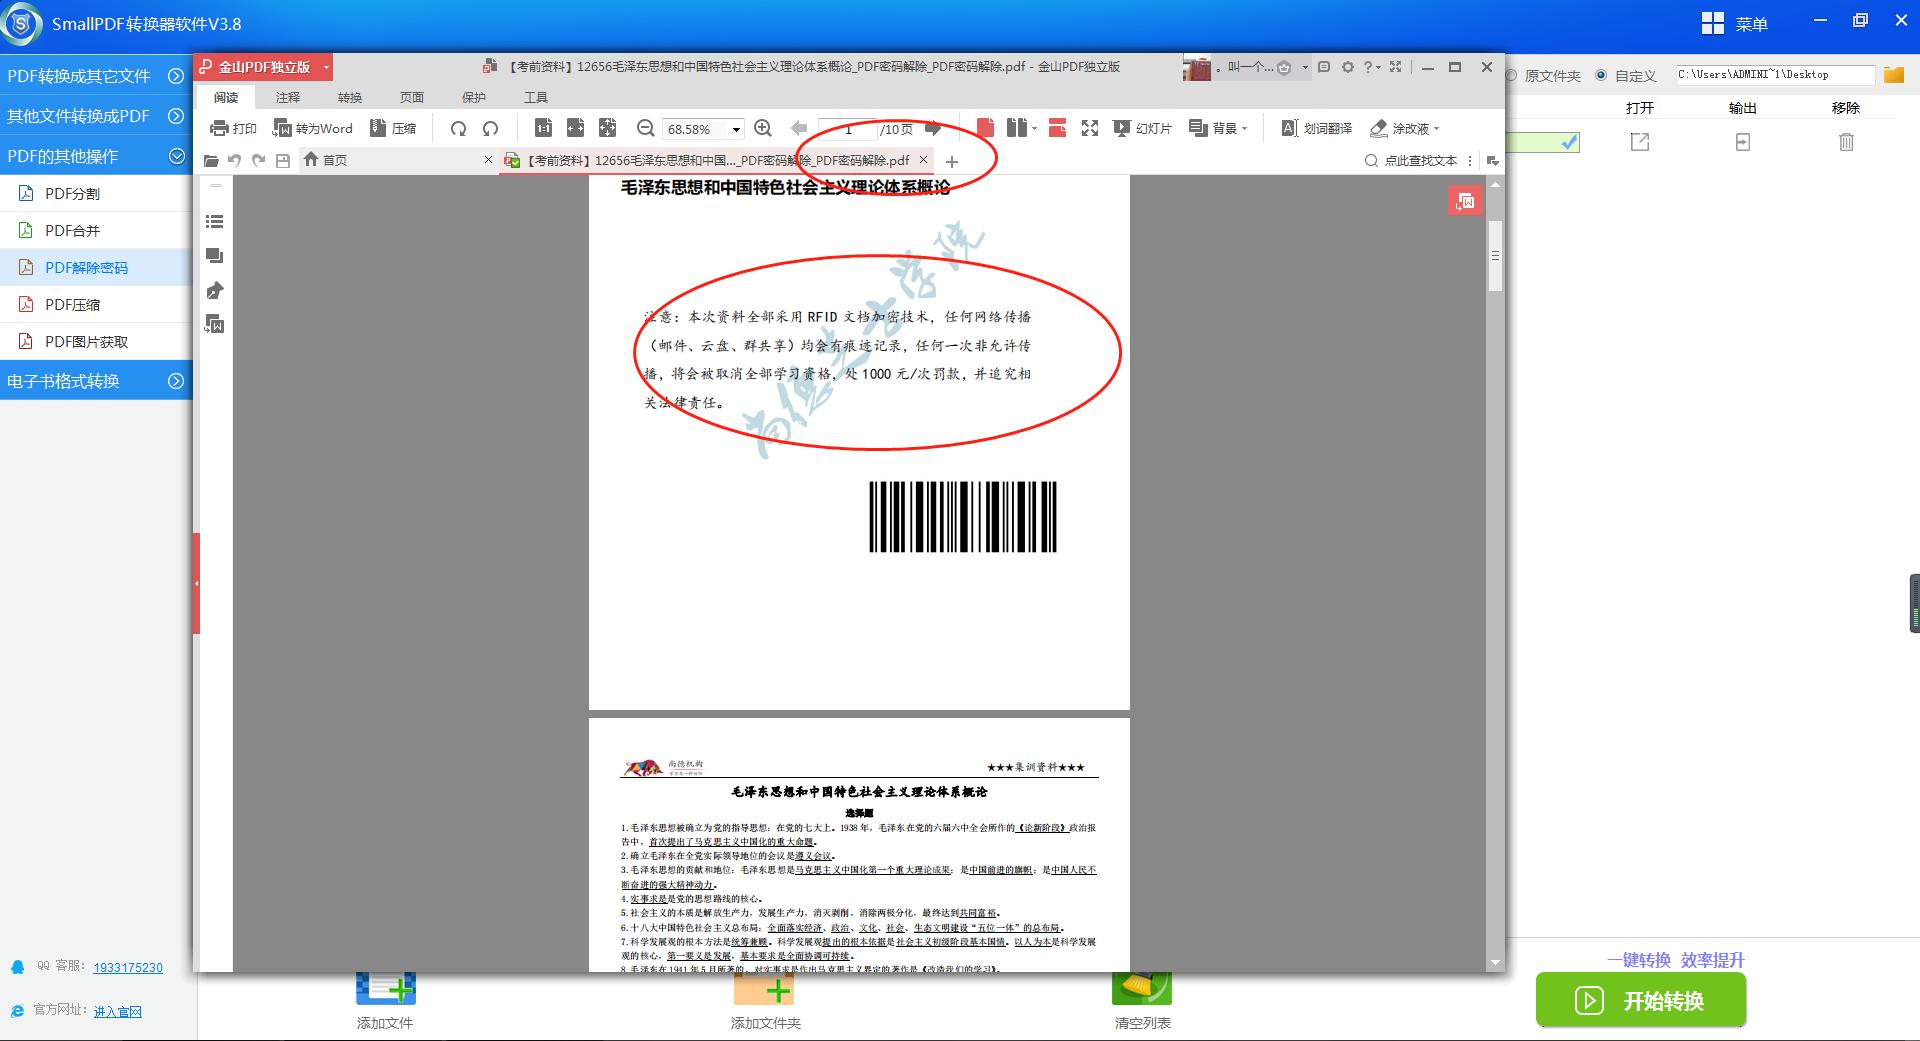 SmallPDF转换器软件V3.8的PDF密码解除操作流程-5